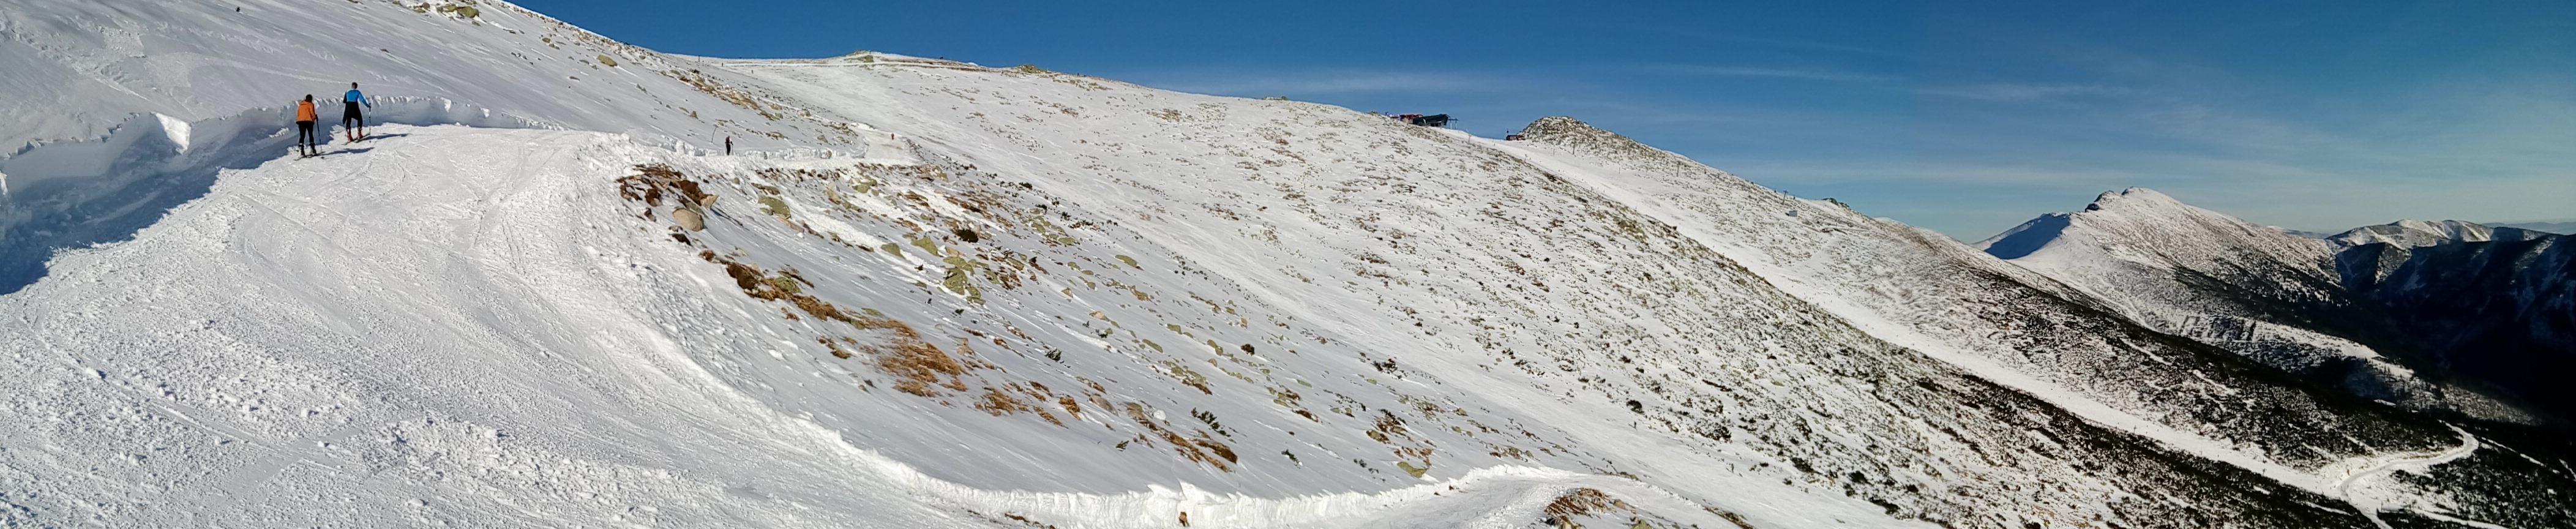 Predne and Zadne Derese still need more snow